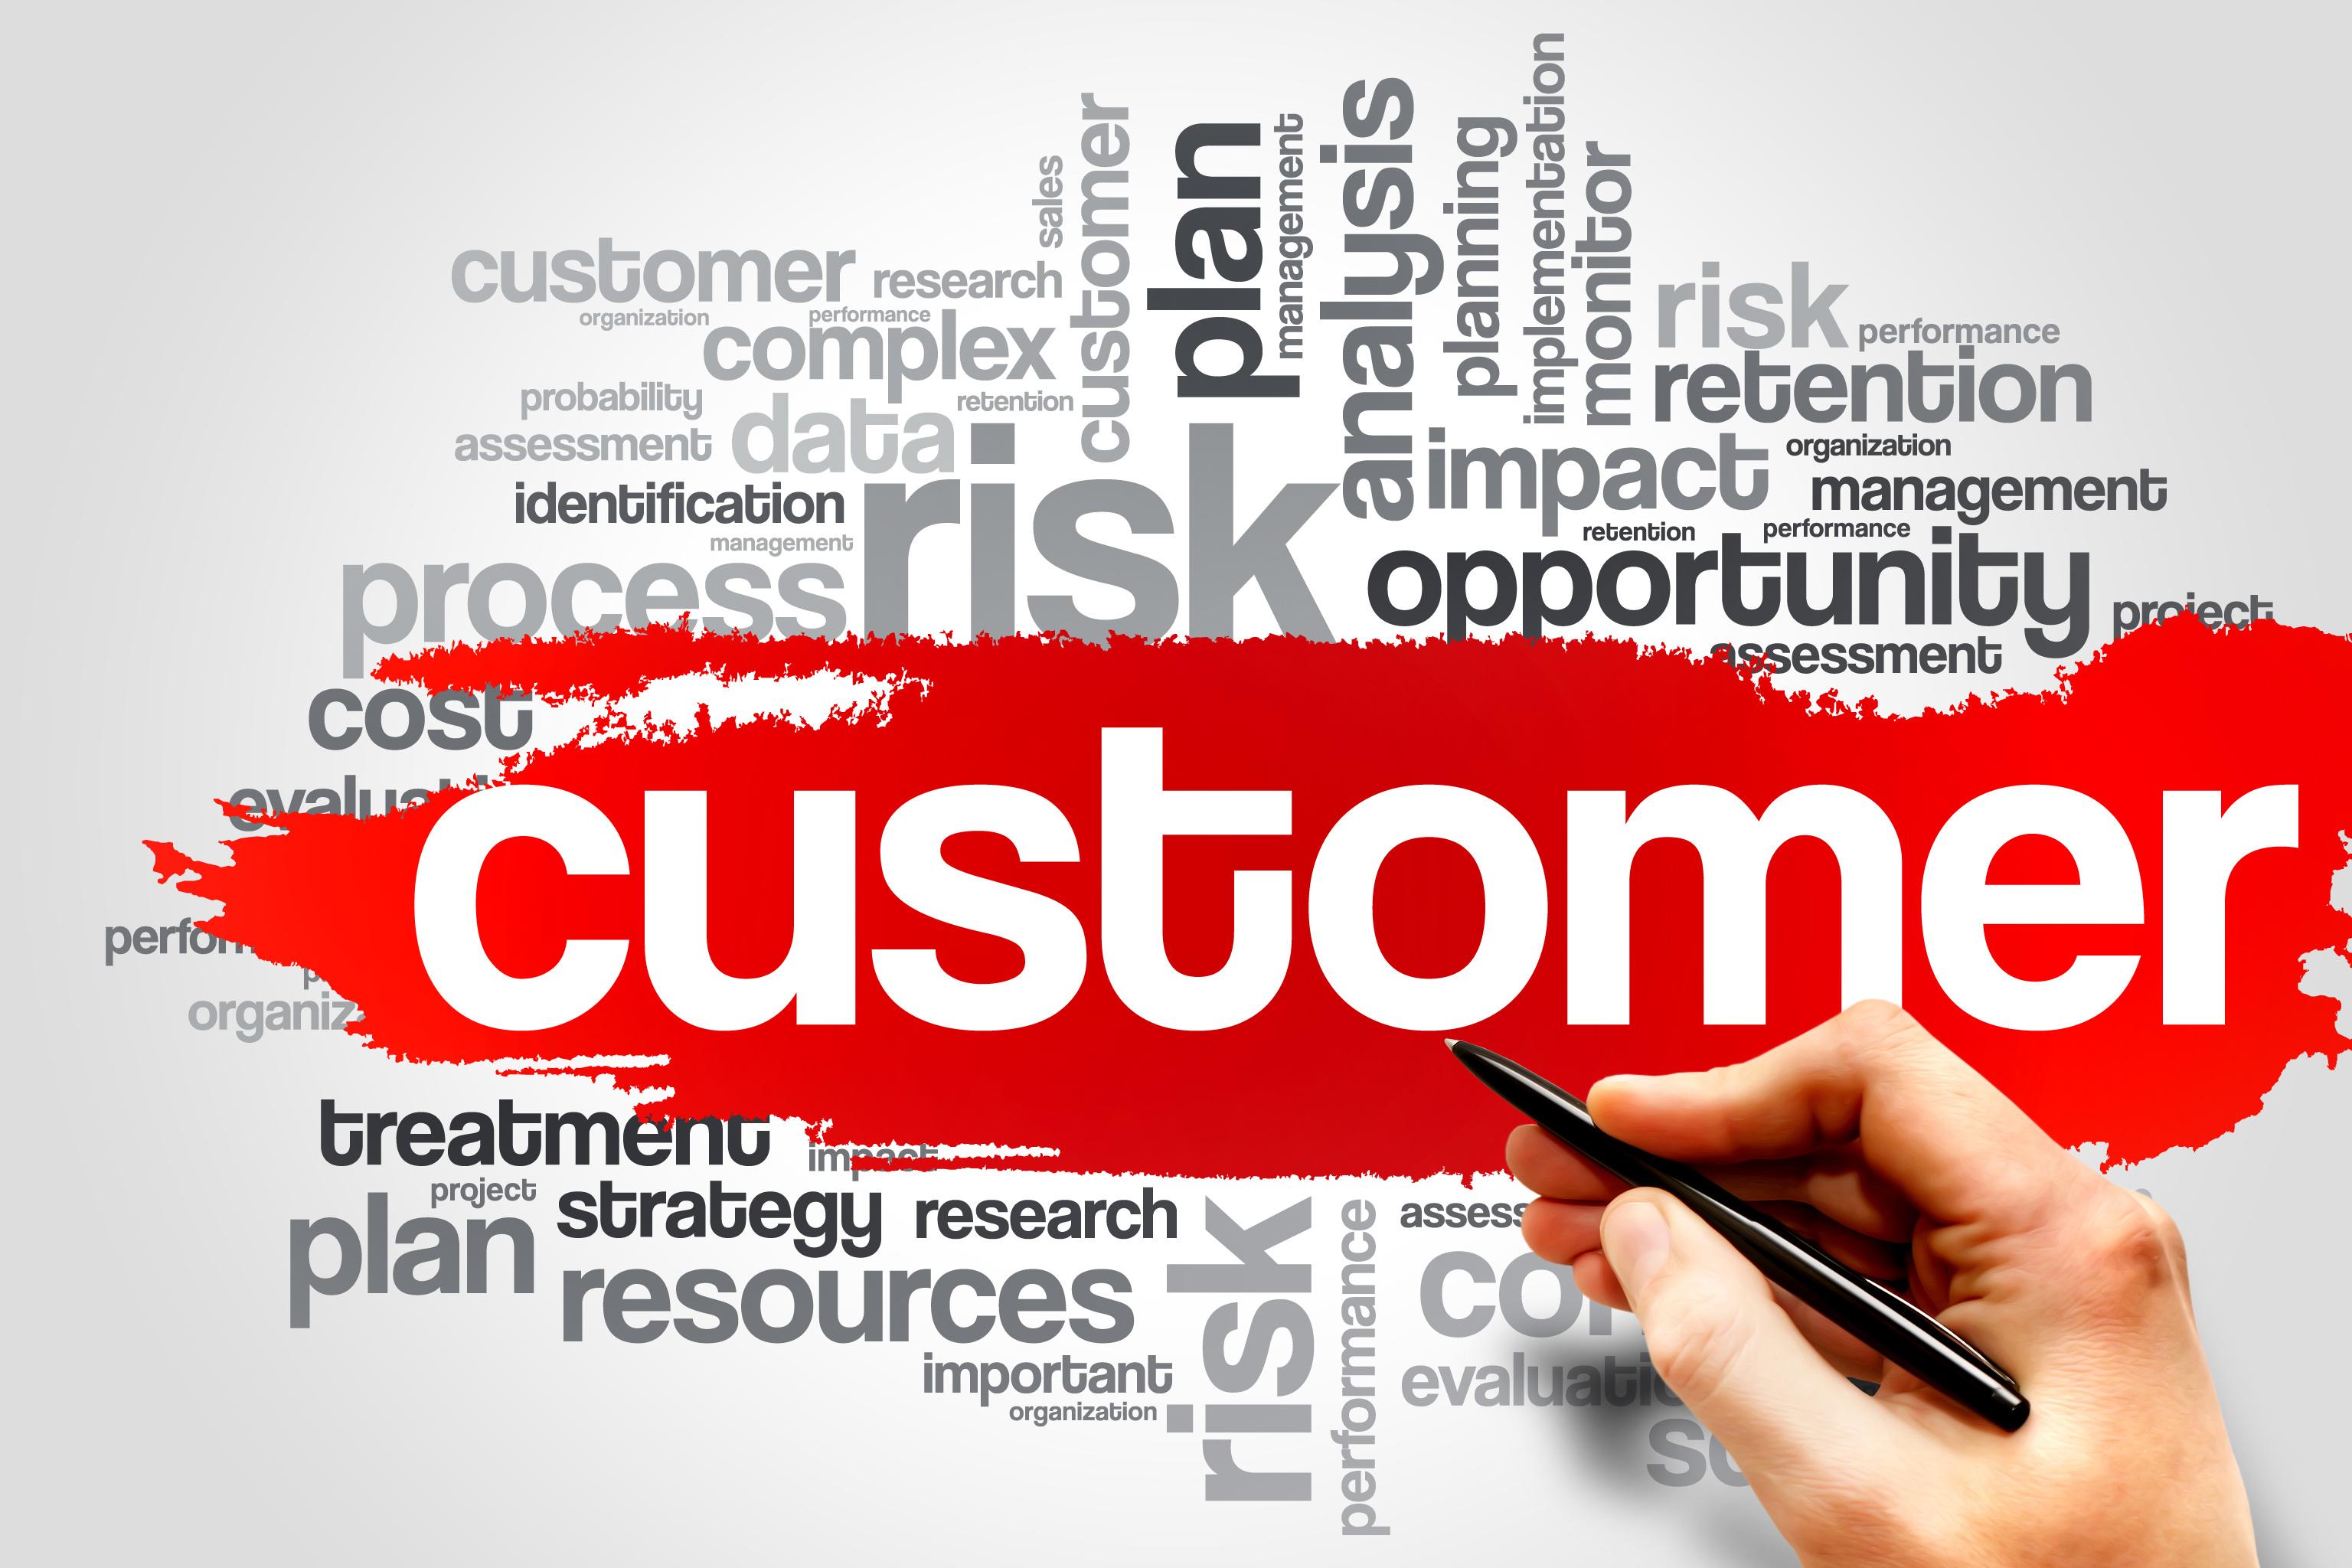 Mesurer l'expérience client : pourquoi l'évaluer régulièrement ?